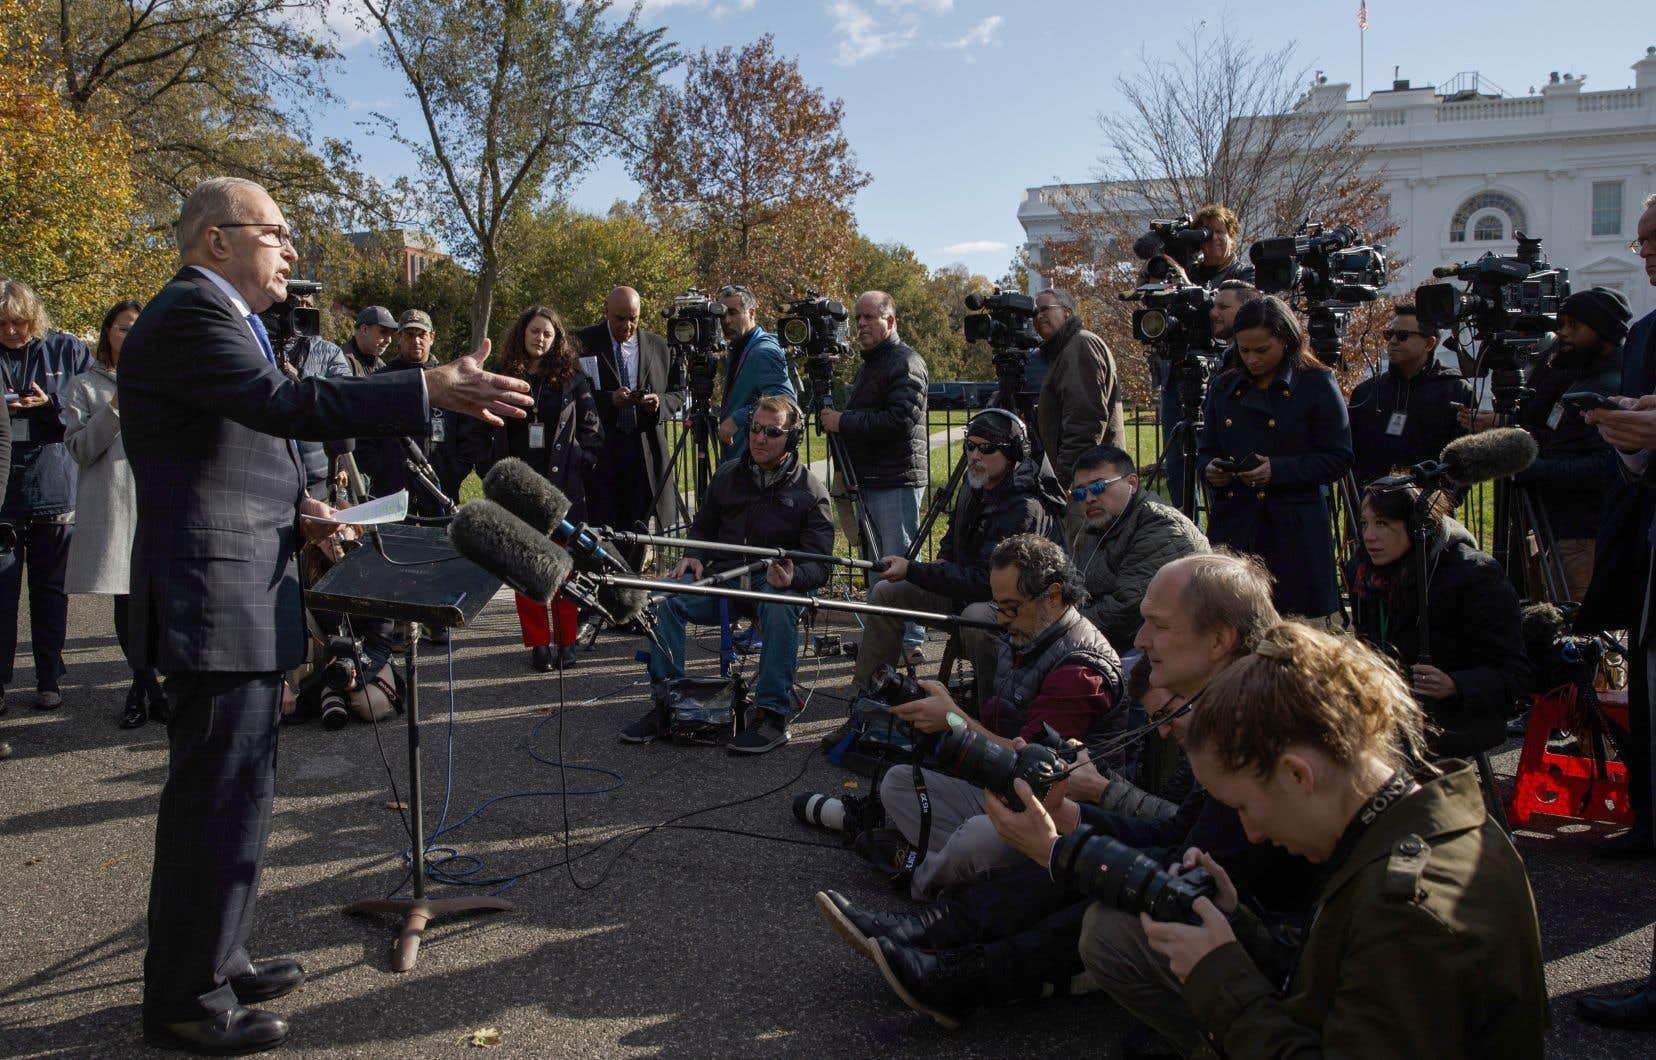 Le conseiller économique principal de la Maison Blanche, Larry Kudlow, s'entretient avec des journalistes à l'extérieur de la Maison-Blanche.